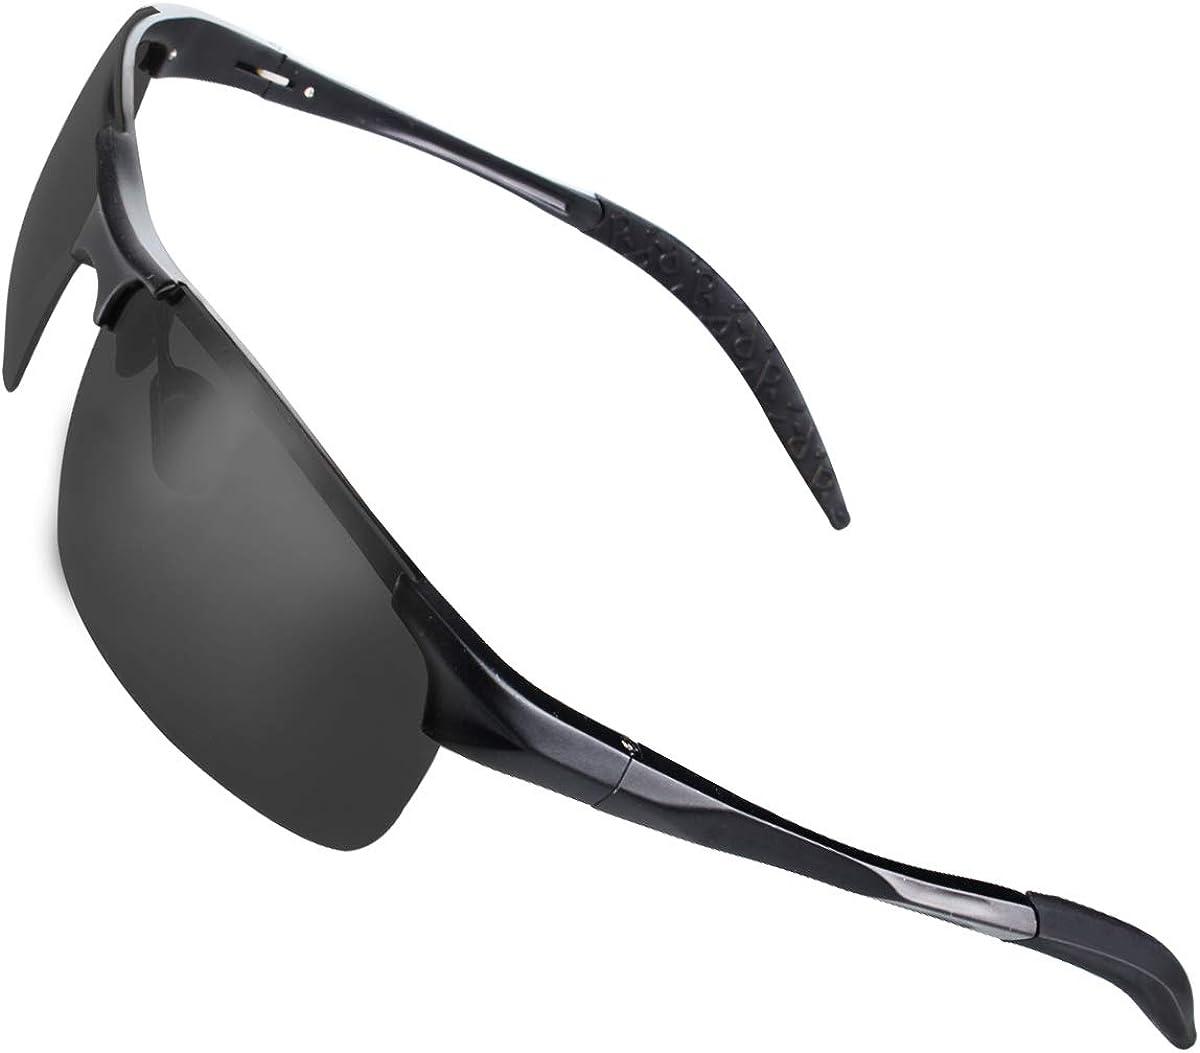 CHEREEKI Gafas de Sol Deportivas, Gafas de Sol Polarizadas de Conducción con protección UV400 para Hombres y Mujeres